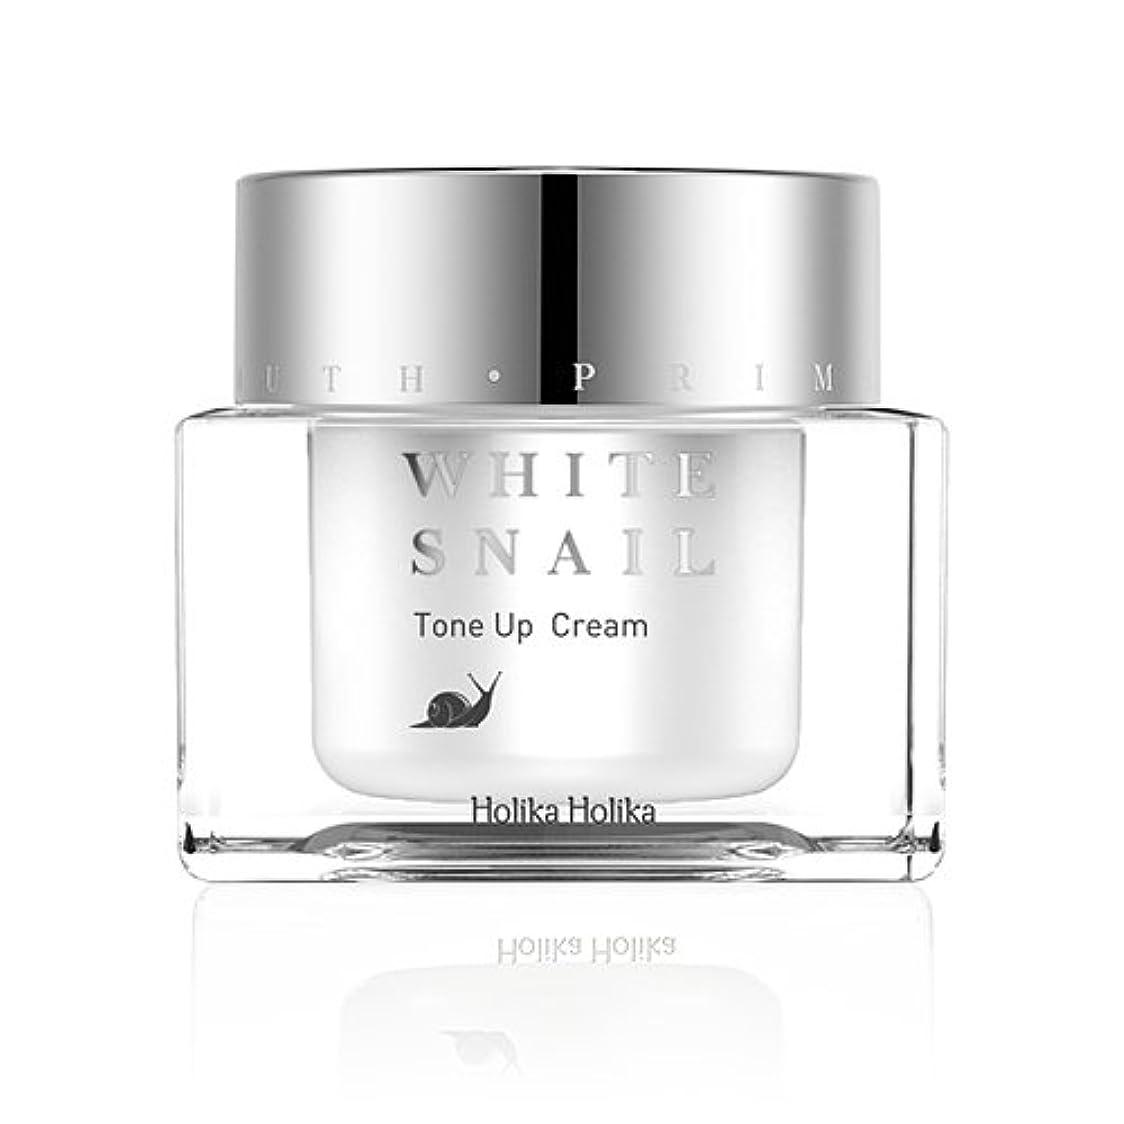 体怒り灰HolikaHolika(ホリカホリカ) Prime Youth White Snail Tone-Up Cream プライムユースホワイトスネイルトーンアップクリーム カタツムリ エスカルゴ [並行輸入品]